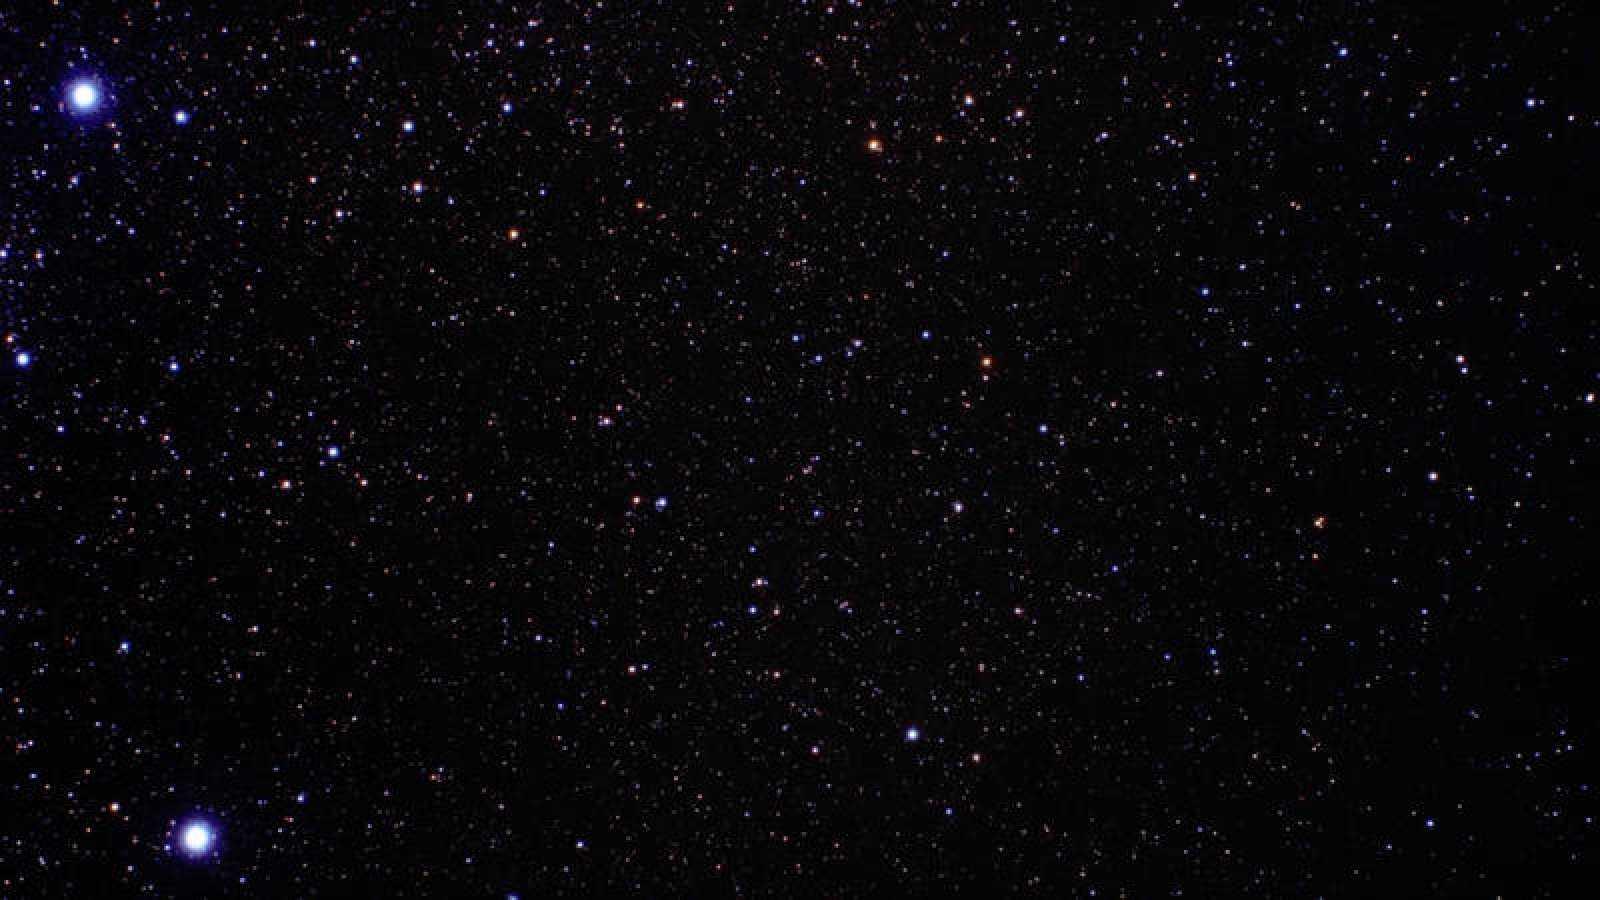 Fragmento del mosaico de Galaxias compuesto a partir de las fotografías del telescopio Hubble.